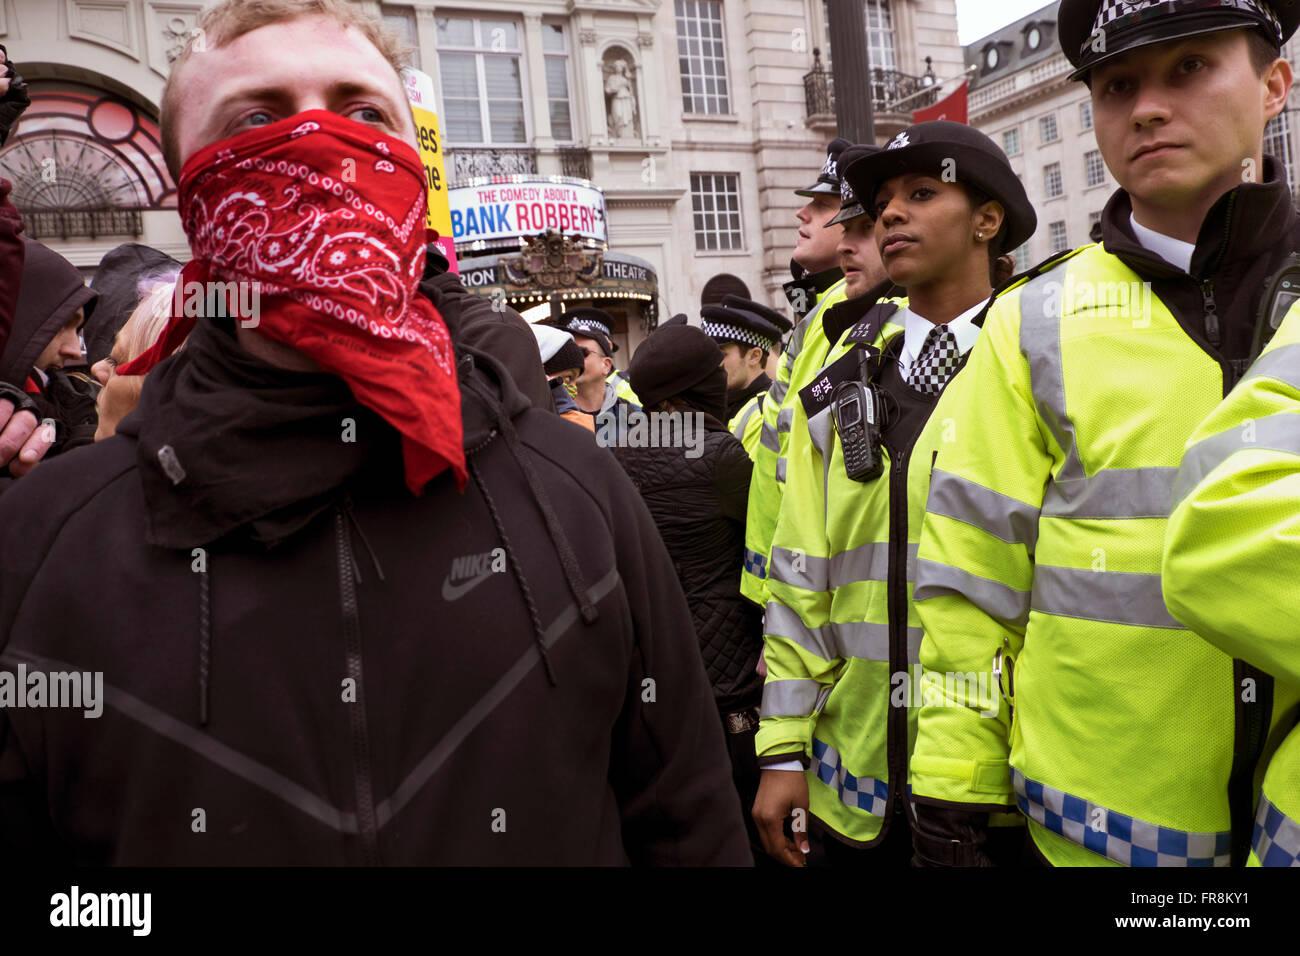 Stehen Sie auf, um Rassismus März Aufnahme Flüchtlinge & protestieren gegen Islamophobie & rassisches Stockbild